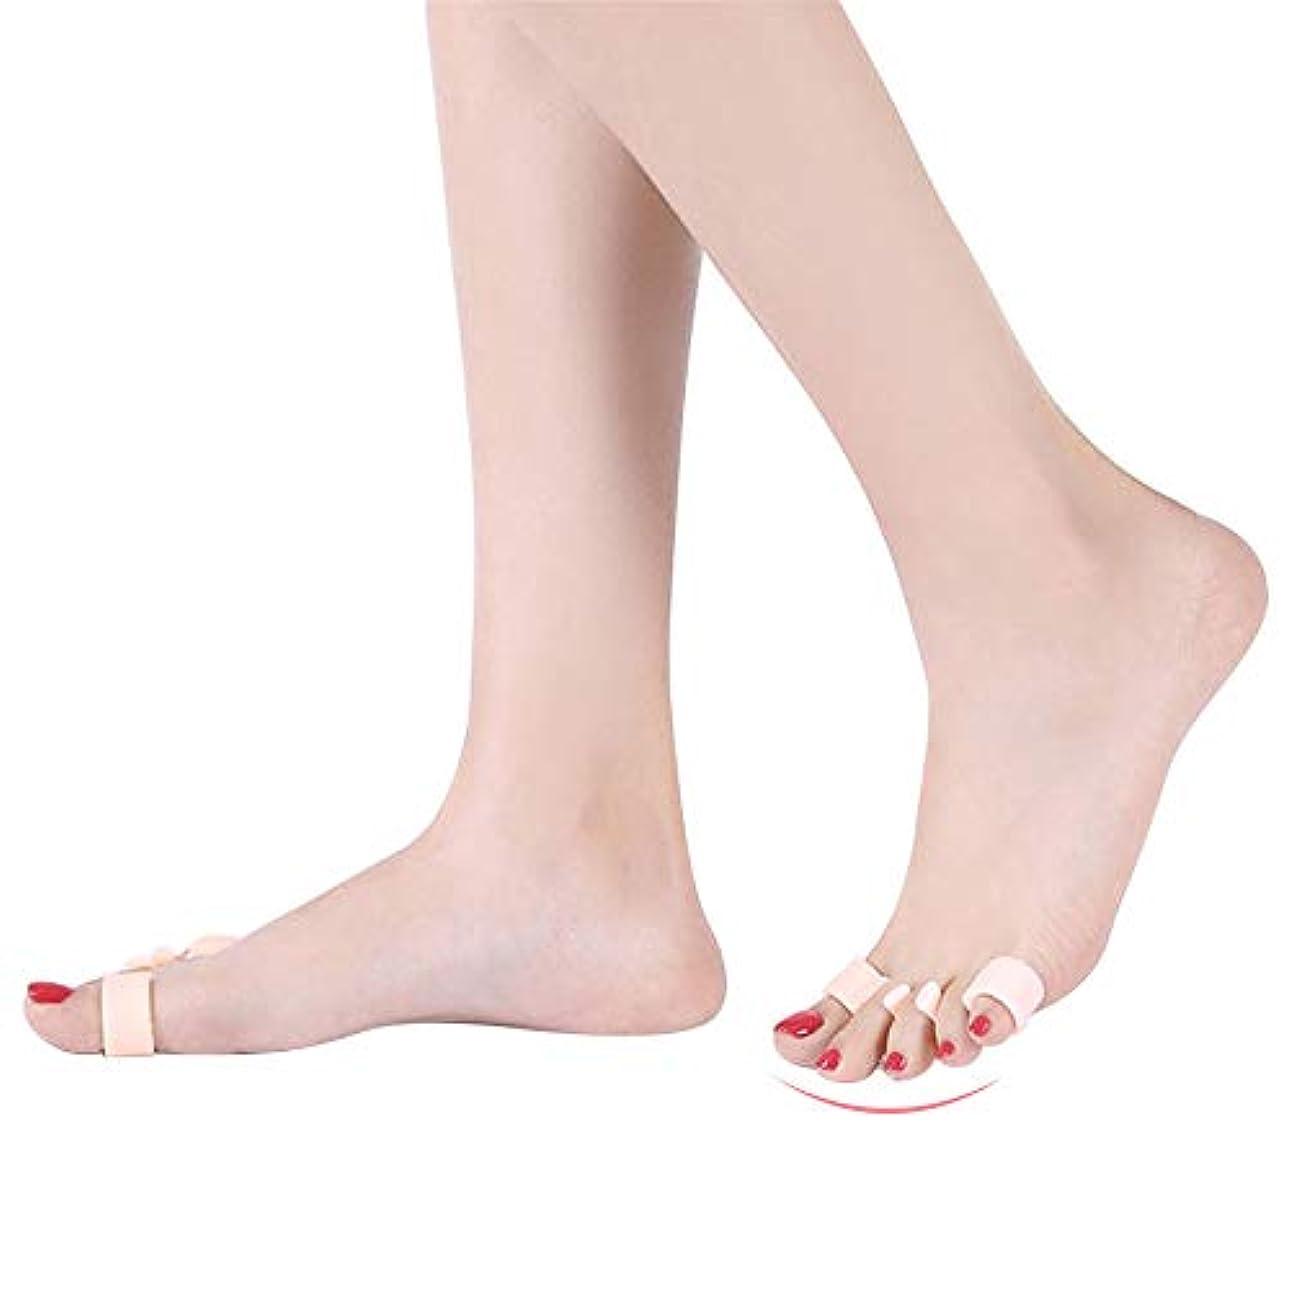 第三代 外反母趾 サポーター 矯正グッズ 足指 広げる あしゆび開き シリコン 外反母趾対策 (ライトピンク)